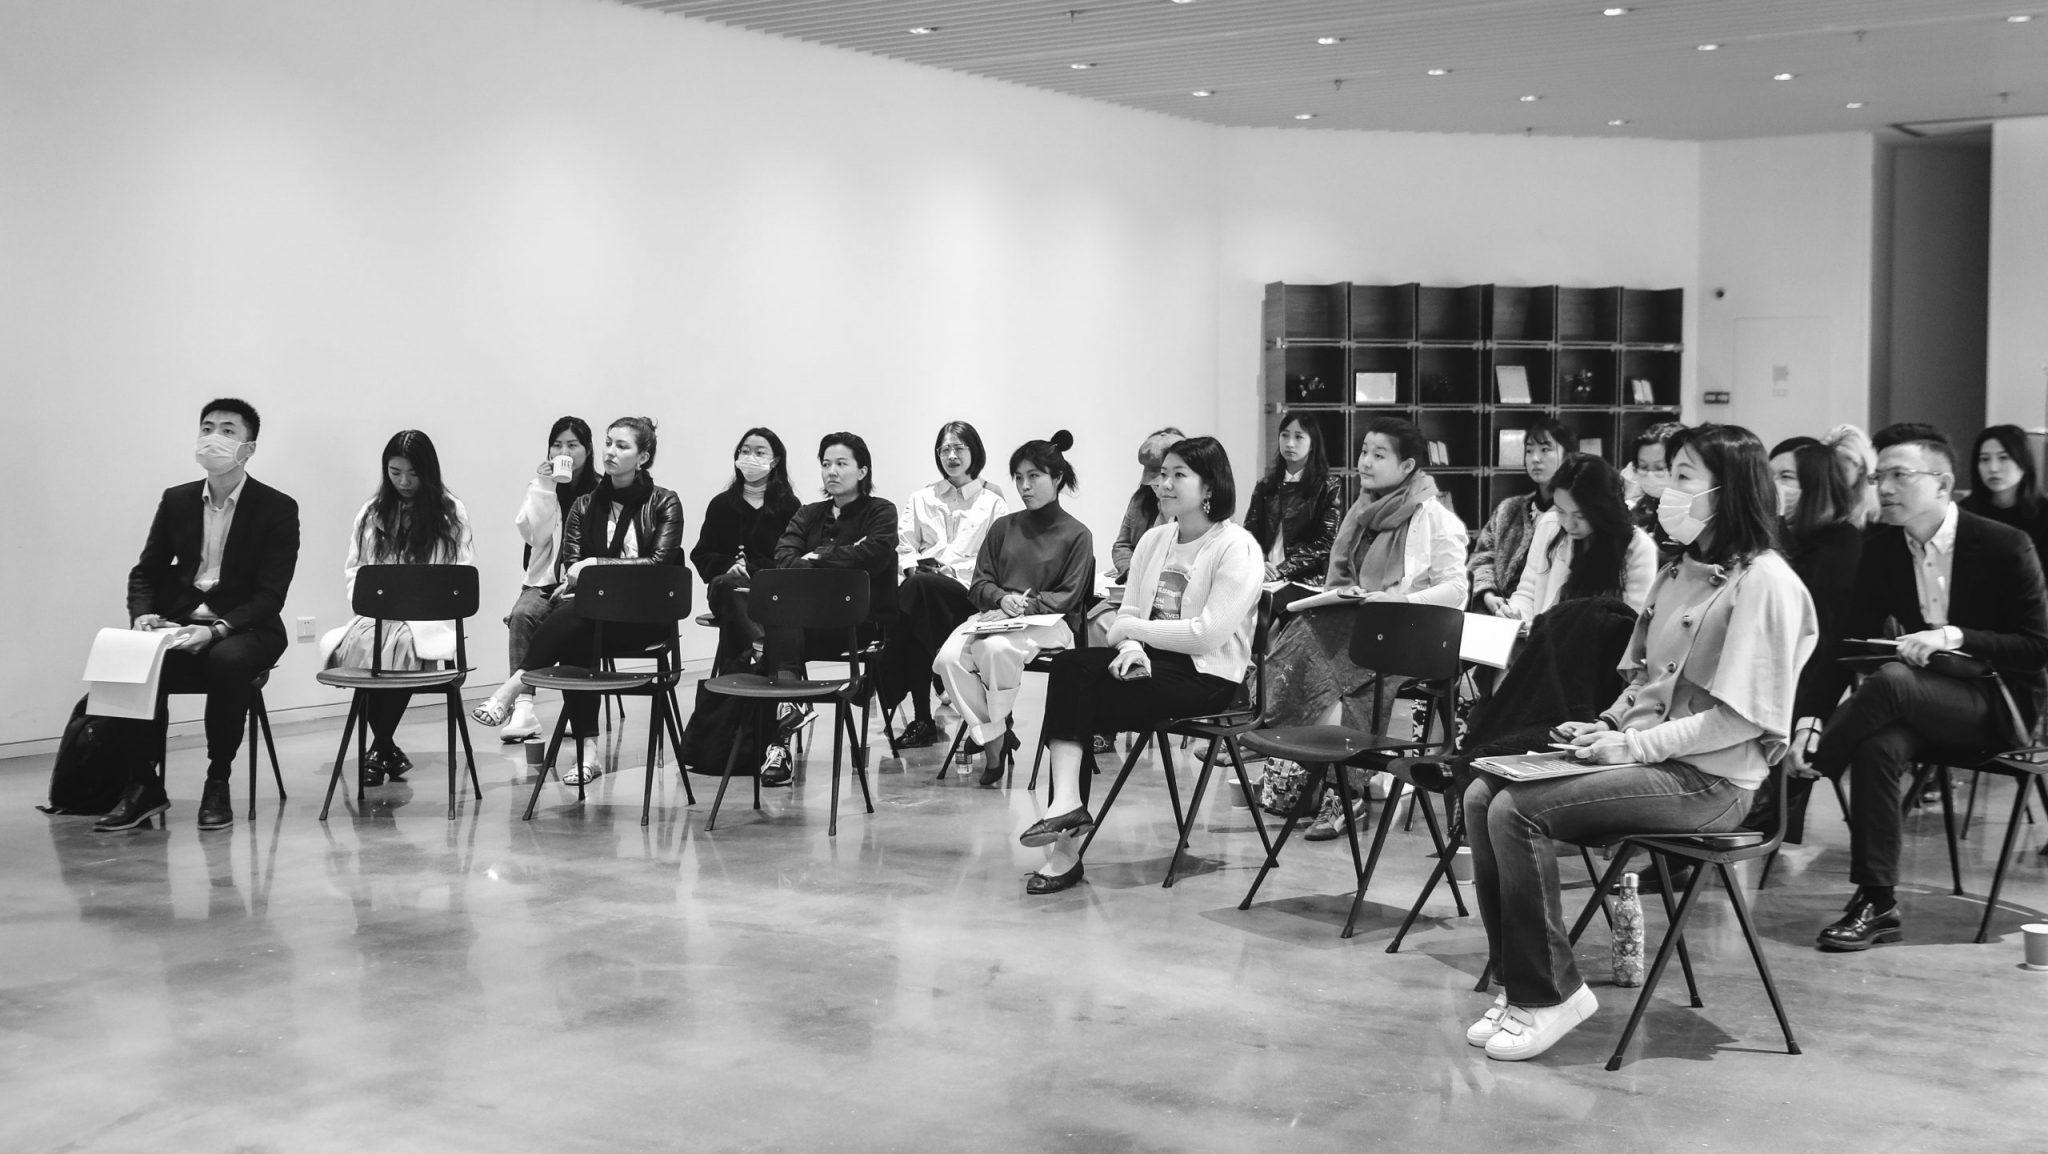 Workshops 工作房 at He Art Museum, Shunde